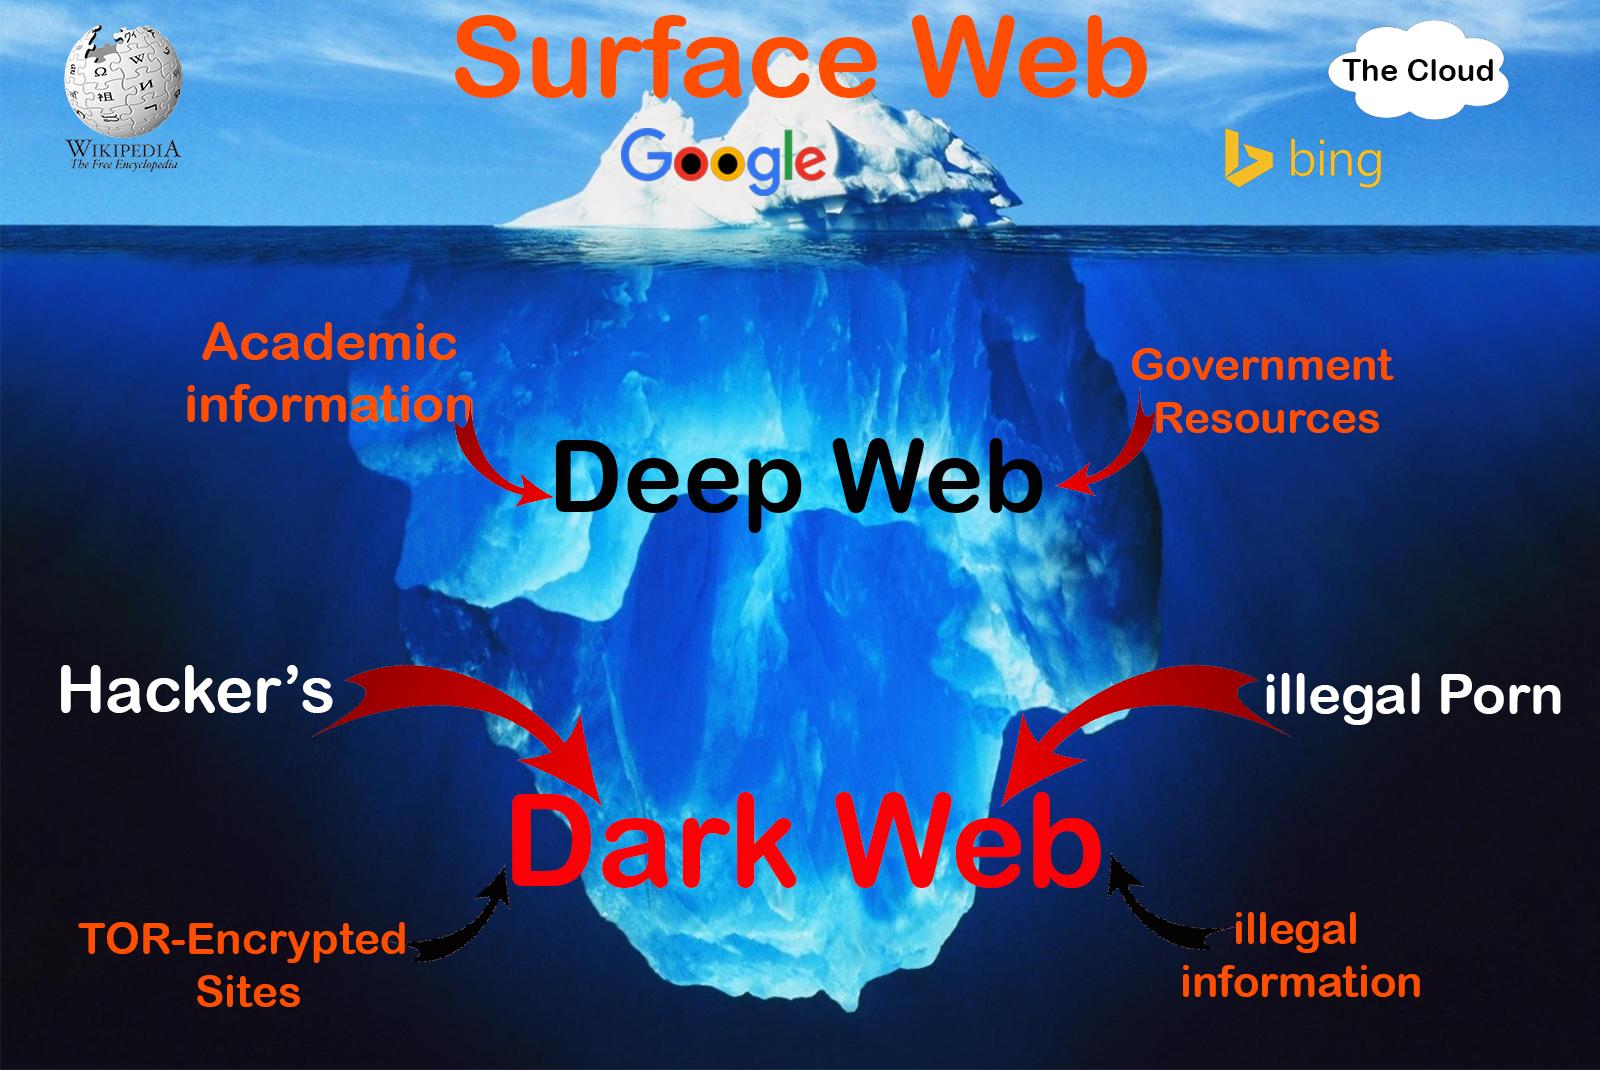 10 000 dark web sites taken down anonymous hacker leaks user 10 000 dark web sites taken down anonymous hacker leaks user data